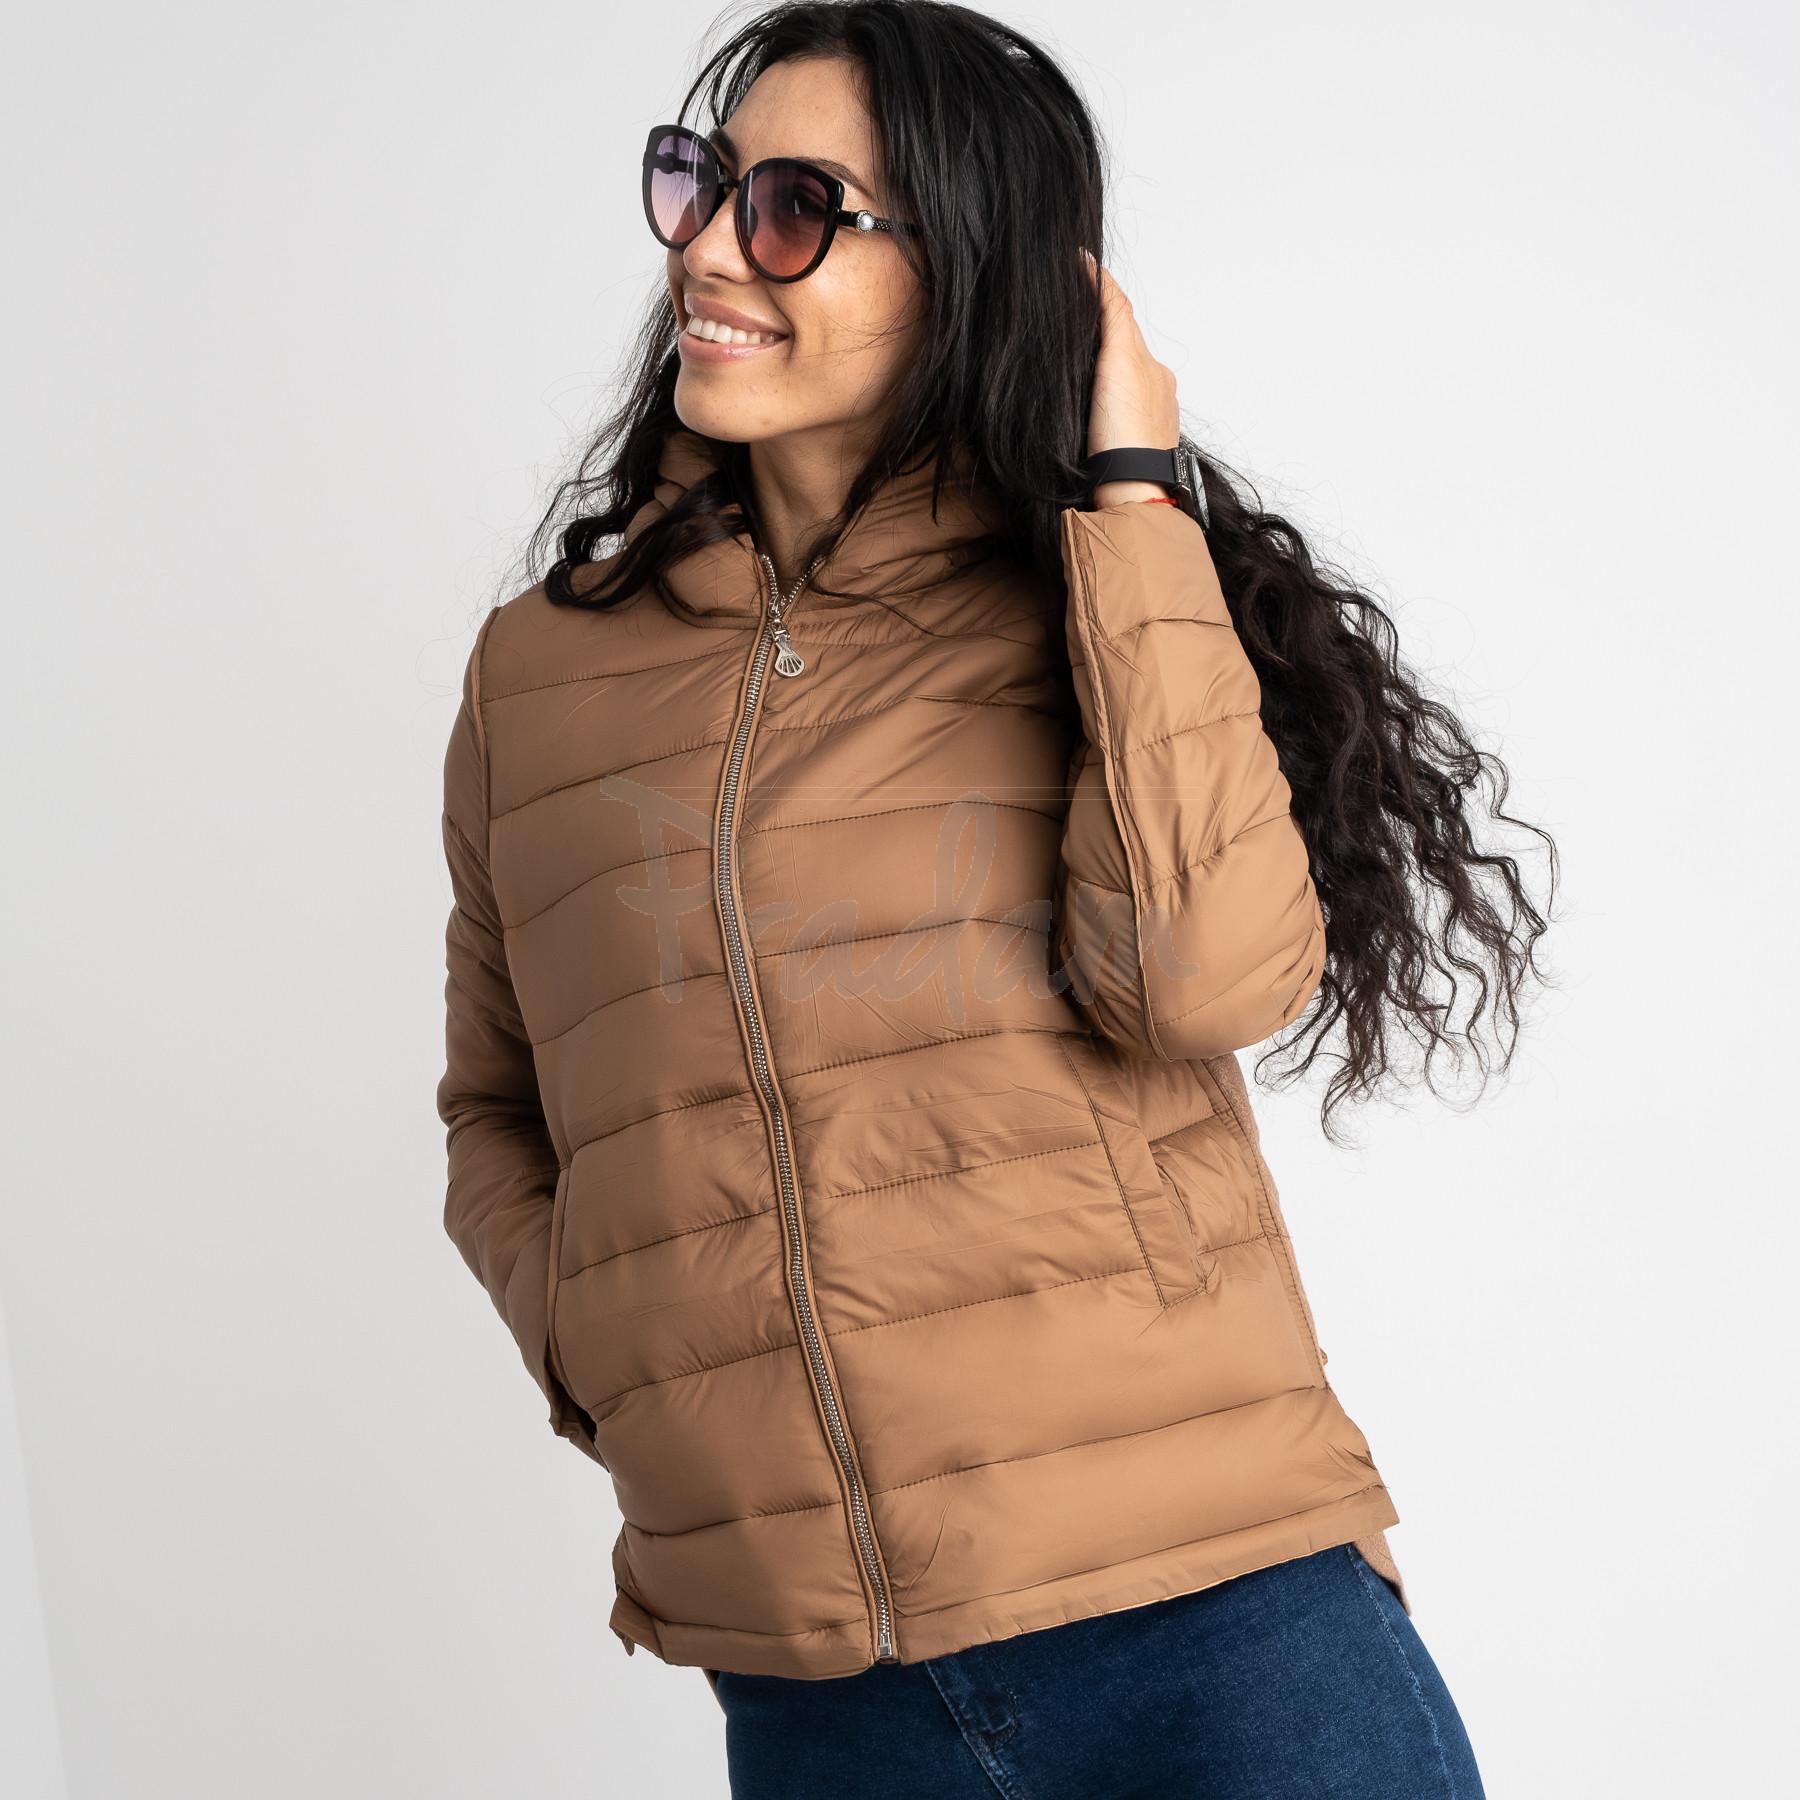 7021-3 куртка женская коричневая на синтепоне (5 ед. размеры: L-3XL)